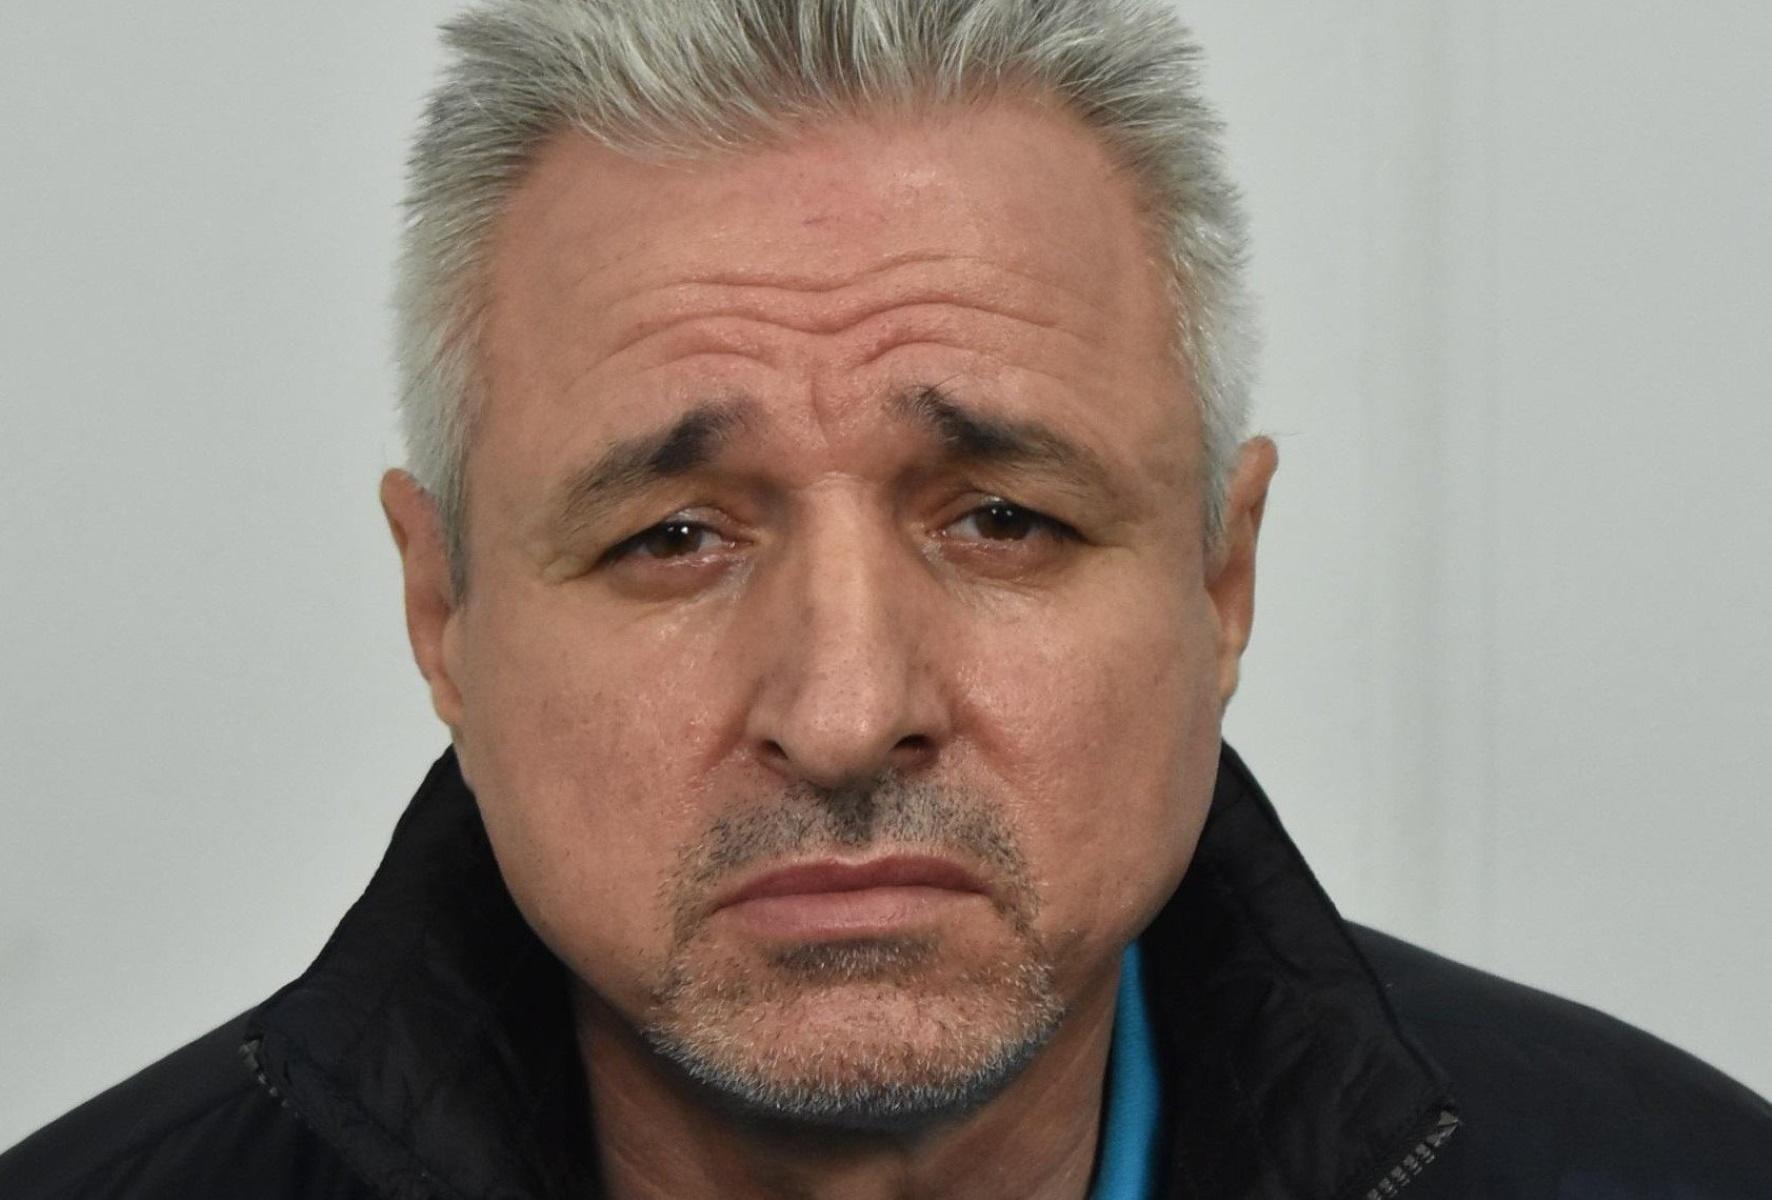 Αυτός είναι ο 51χρονος που έκλεβε ηλικιωμένους σε ΑΤΜ